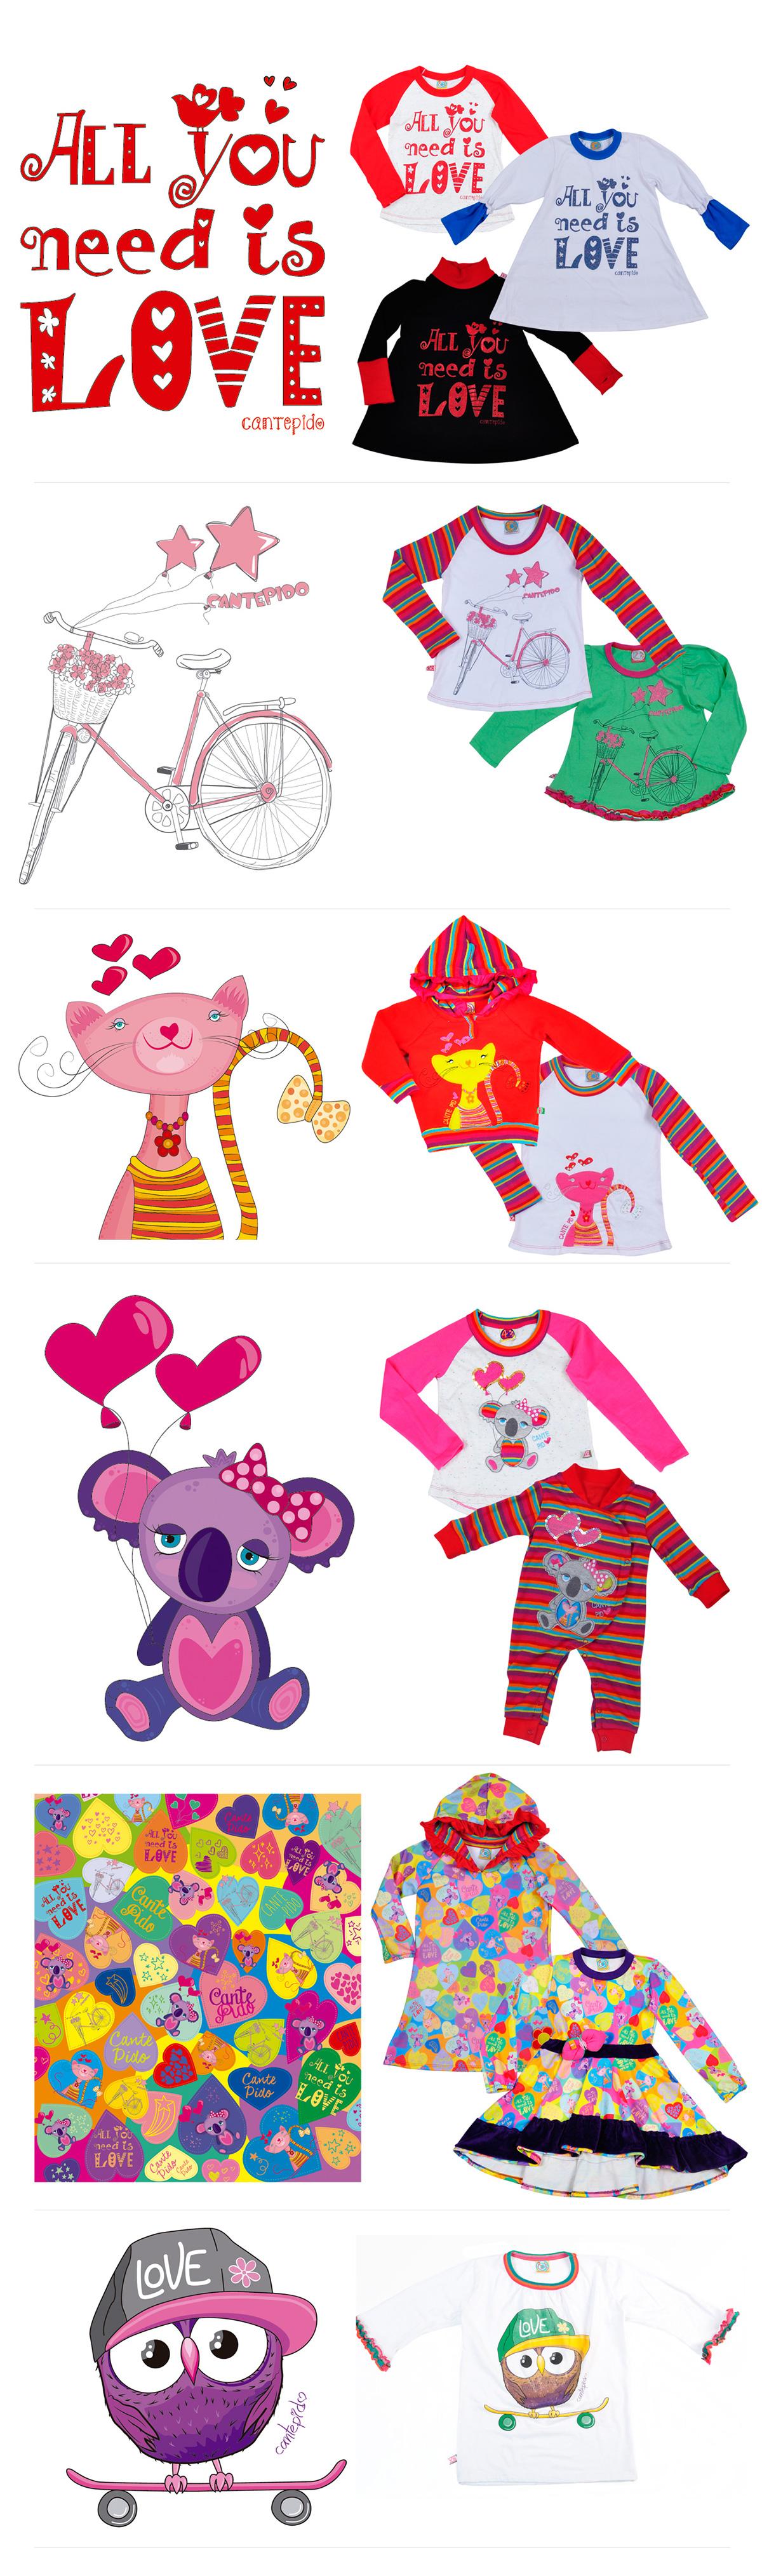 indumentaria infantil indumentaria infantil Estampas estampado bordado Ropa niños diseño ilustracion dibujos color